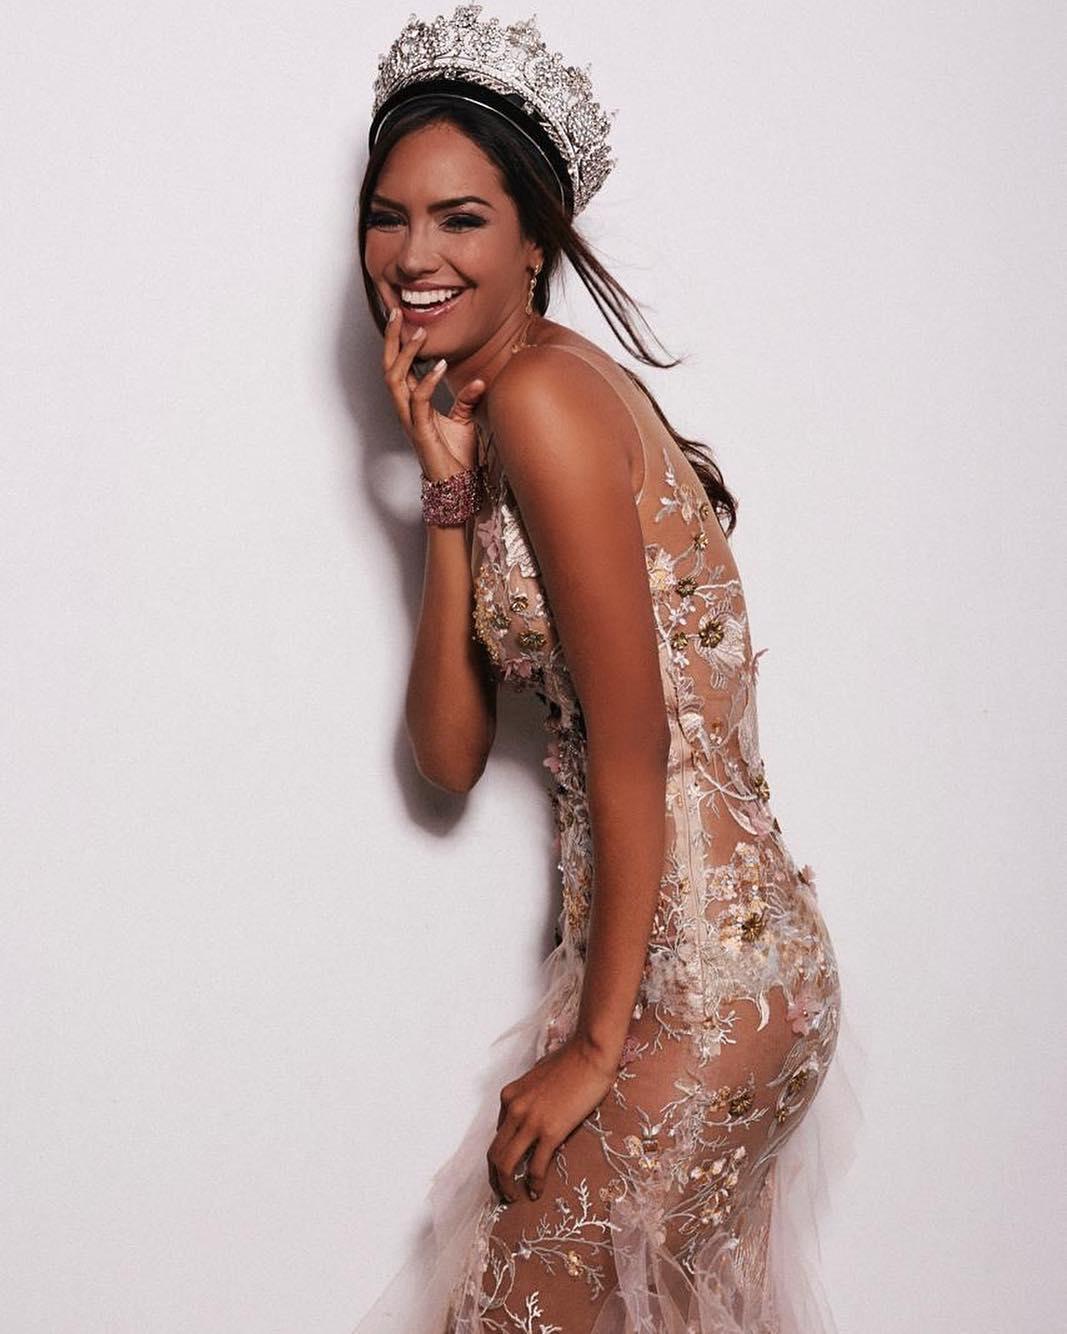 romina lozano, miss charm peru 2020/miss peru universo 2018. - Página 5 40606910